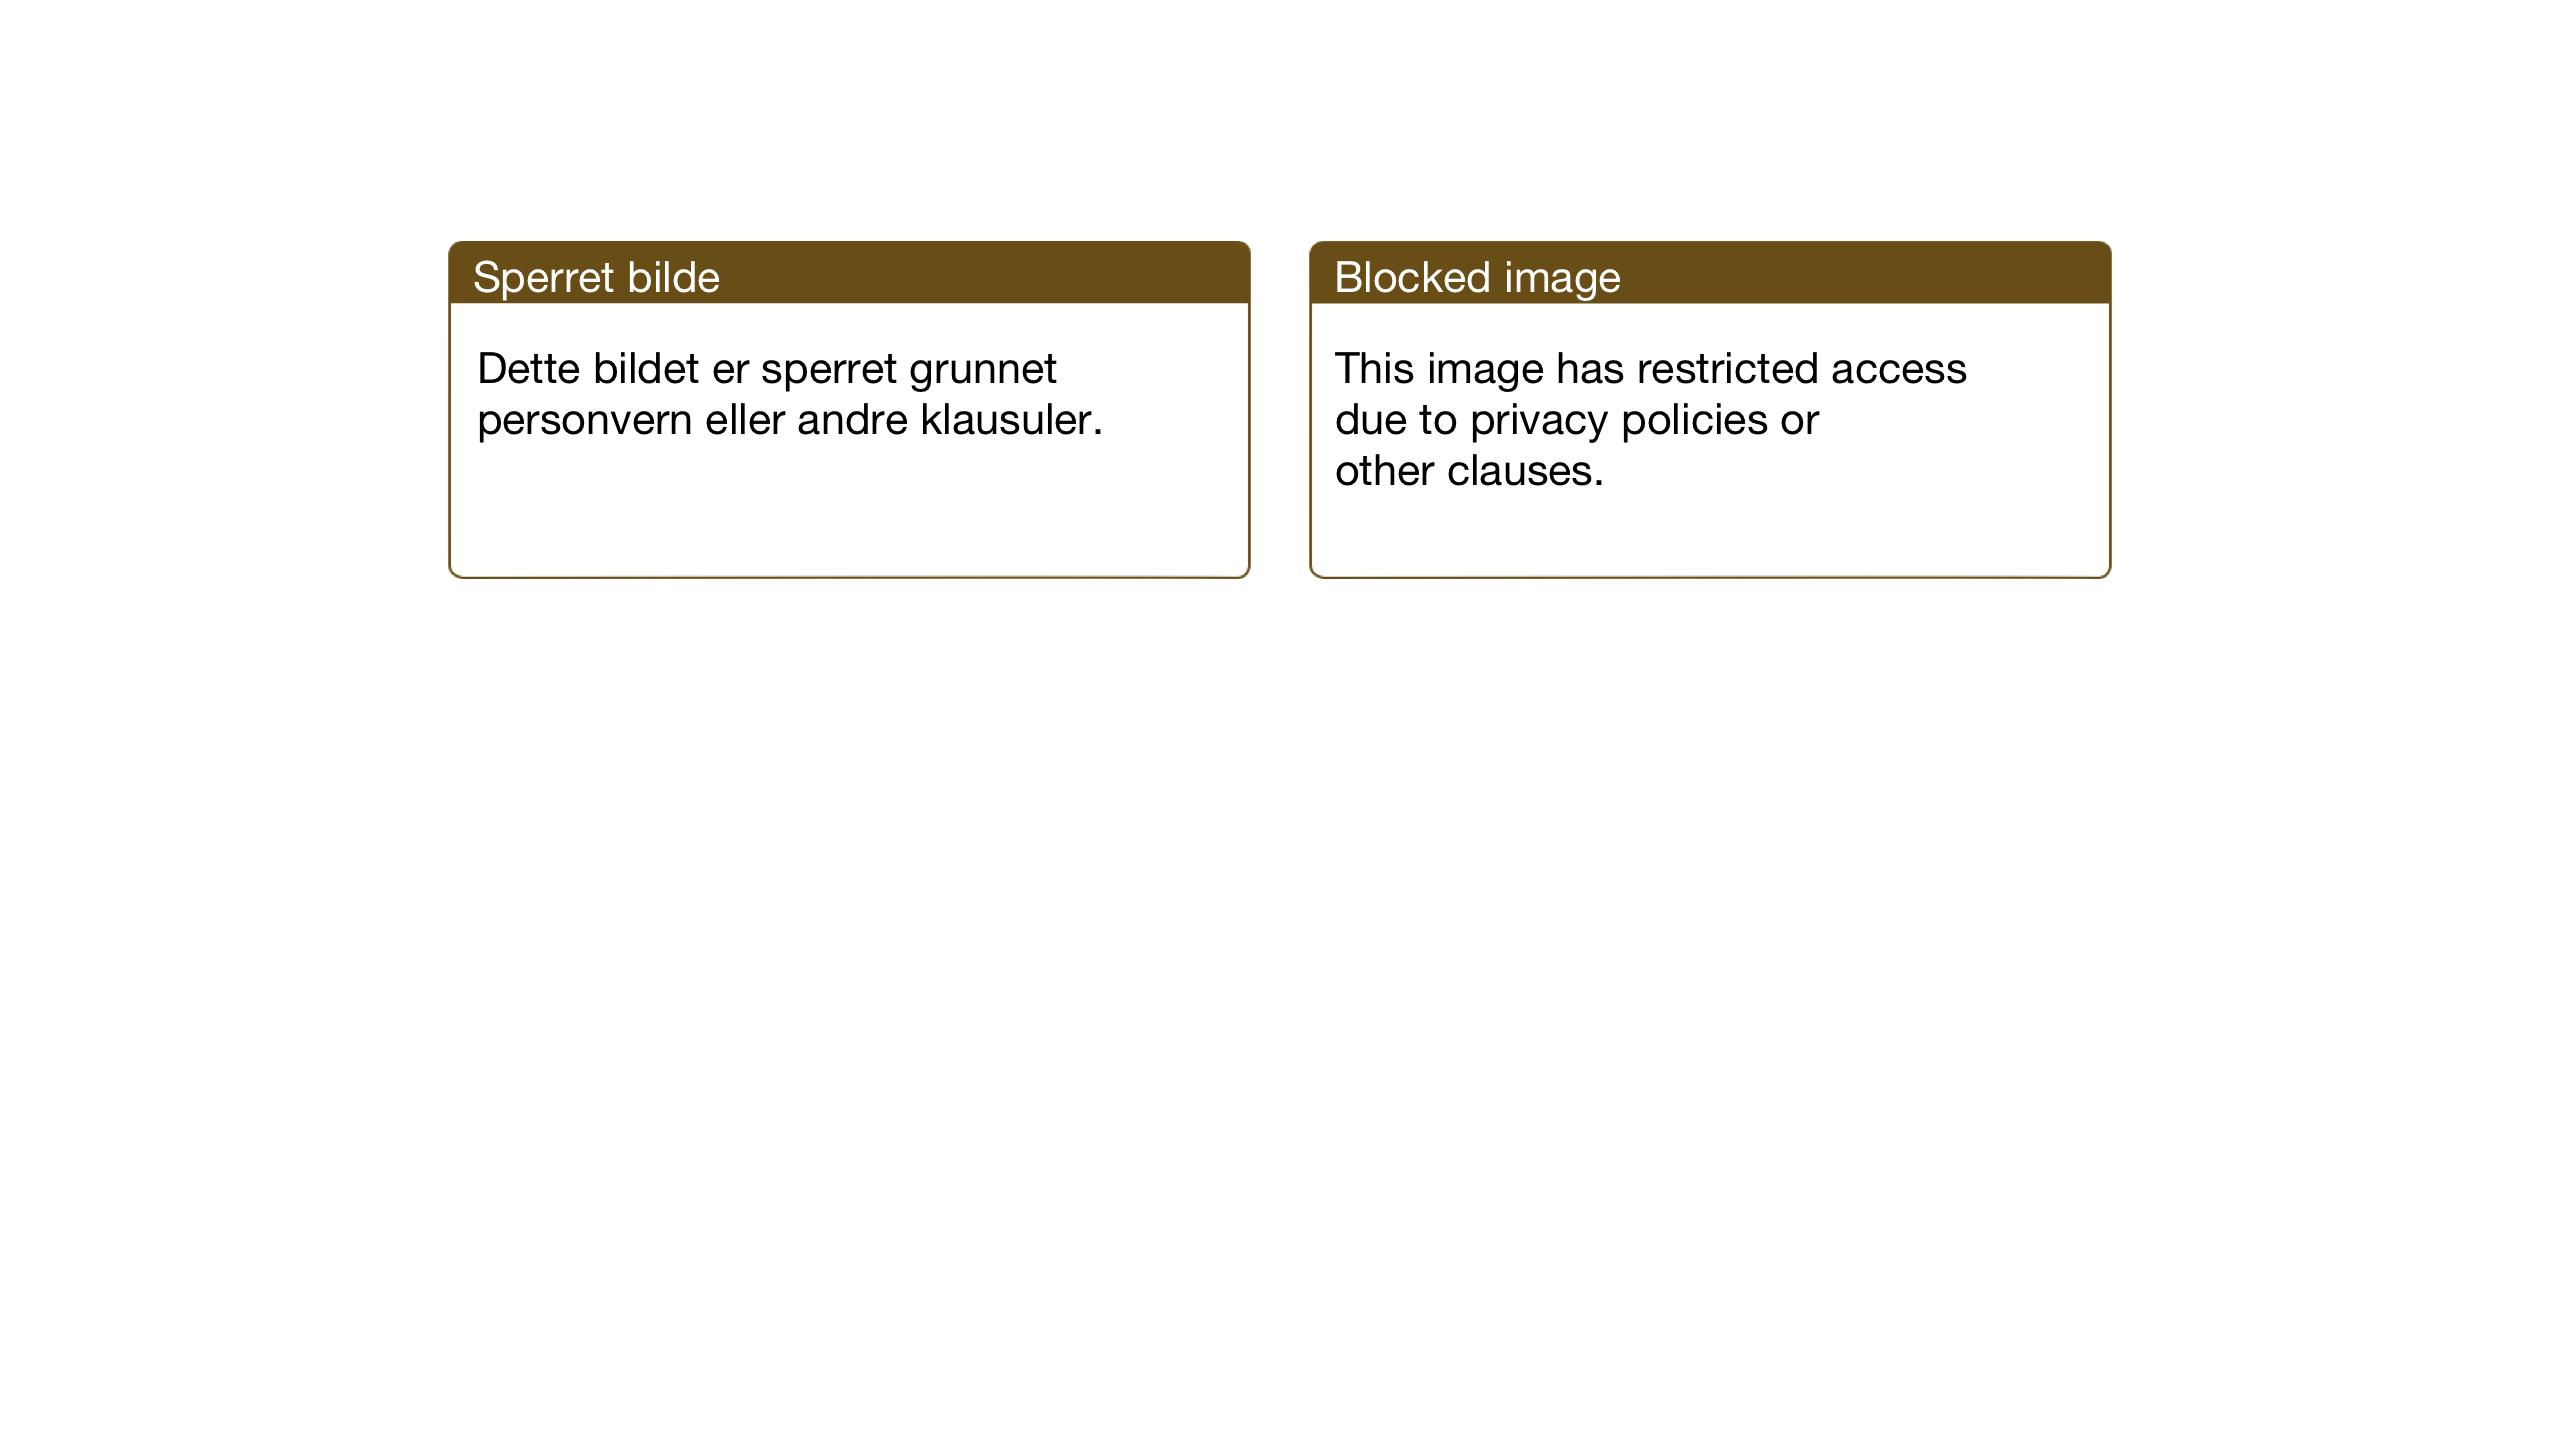 SAT, Ministerialprotokoller, klokkerbøker og fødselsregistre - Nord-Trøndelag, 719/L0180: Klokkerbok nr. 719C01, 1878-1940, s. 51